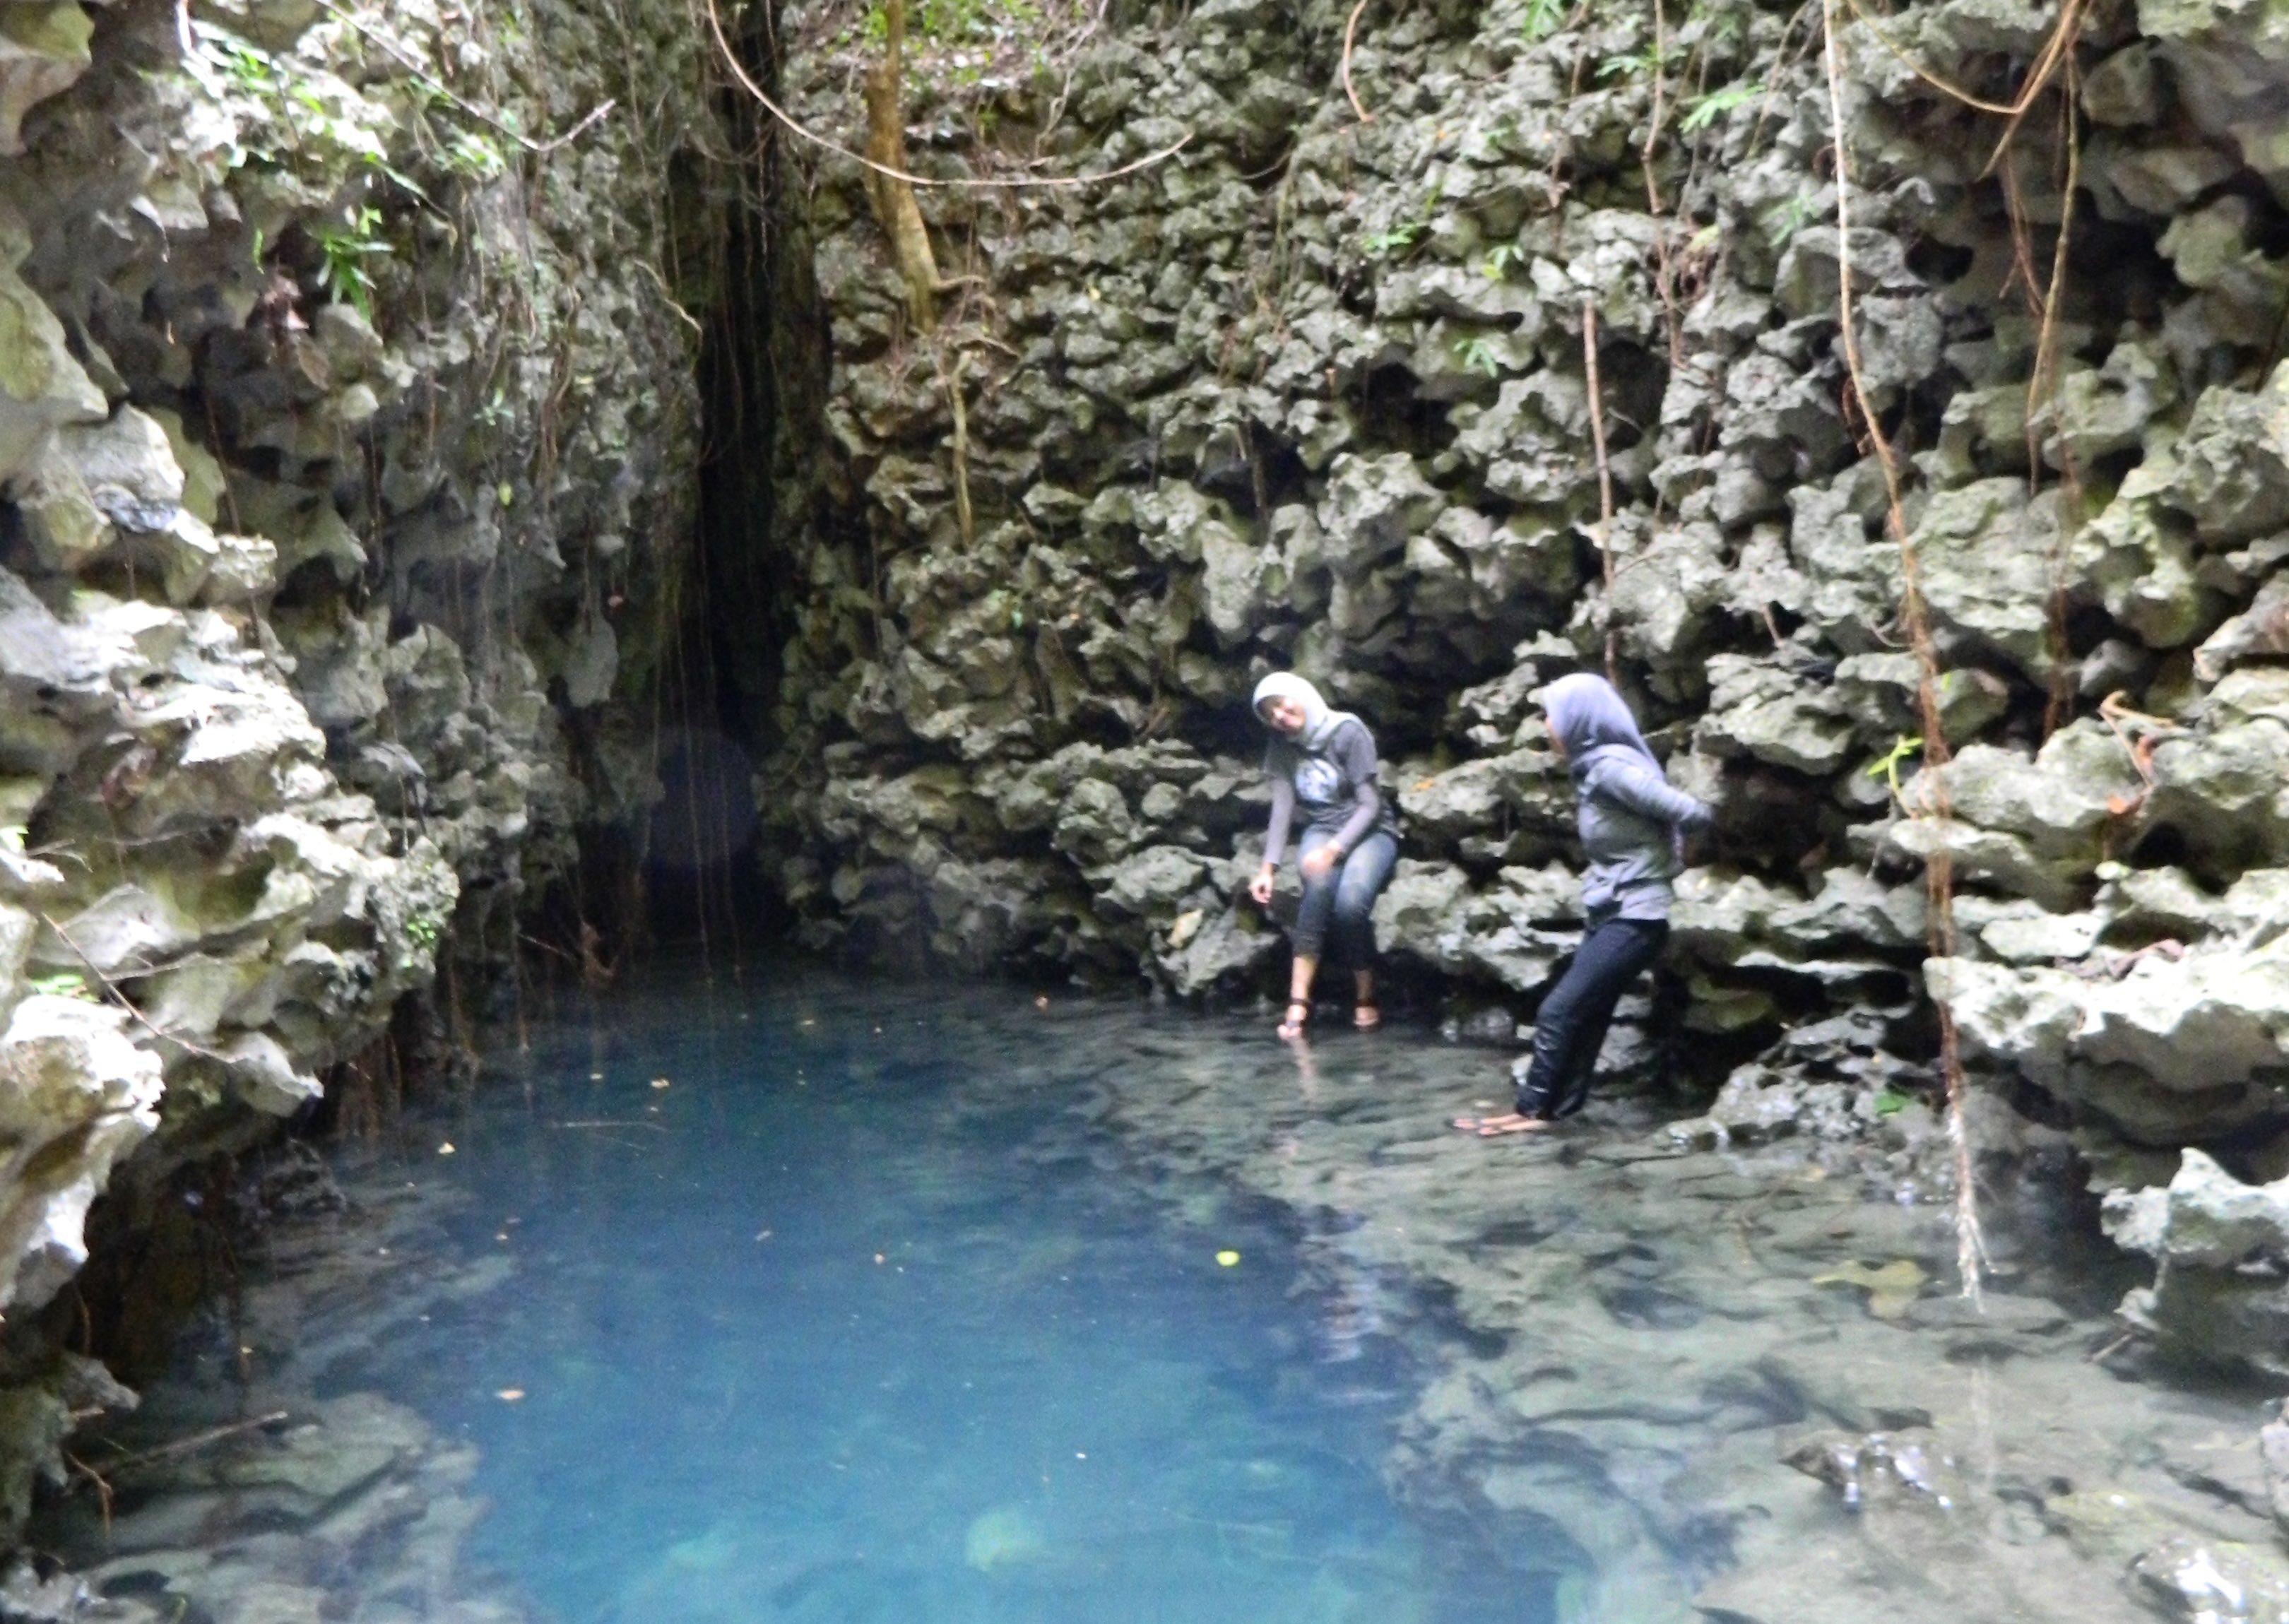 Jernihnya air di Telaga Bidadari, Rammang-Rammang | Foto: nou22femme.blogspot.com